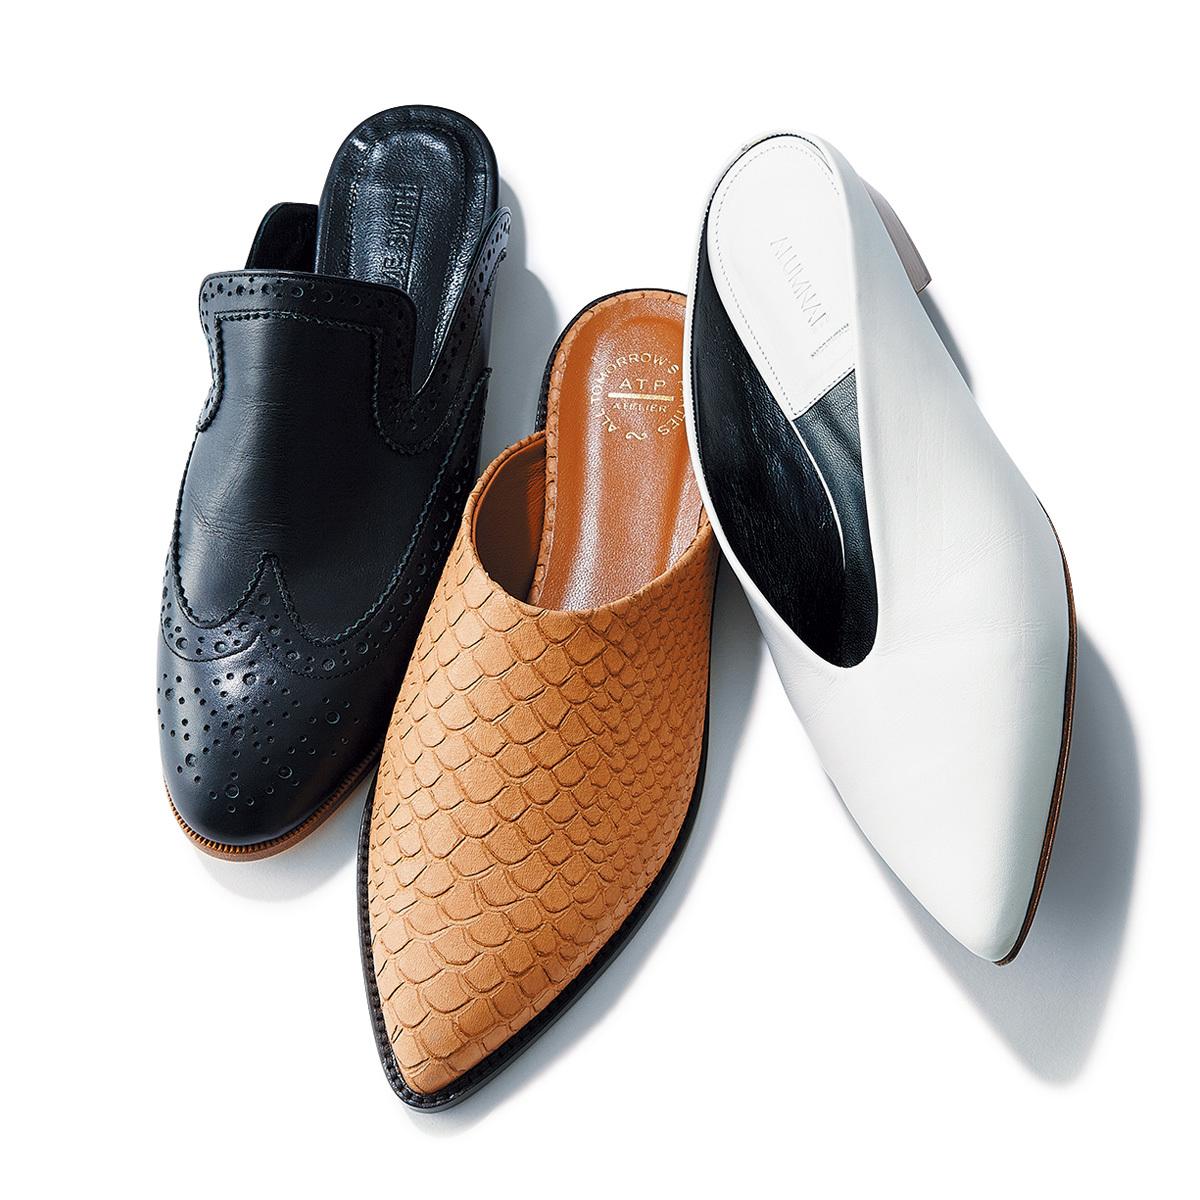 新しい靴、履きたくない? 春のシューズ、3スタイル_1_1-3